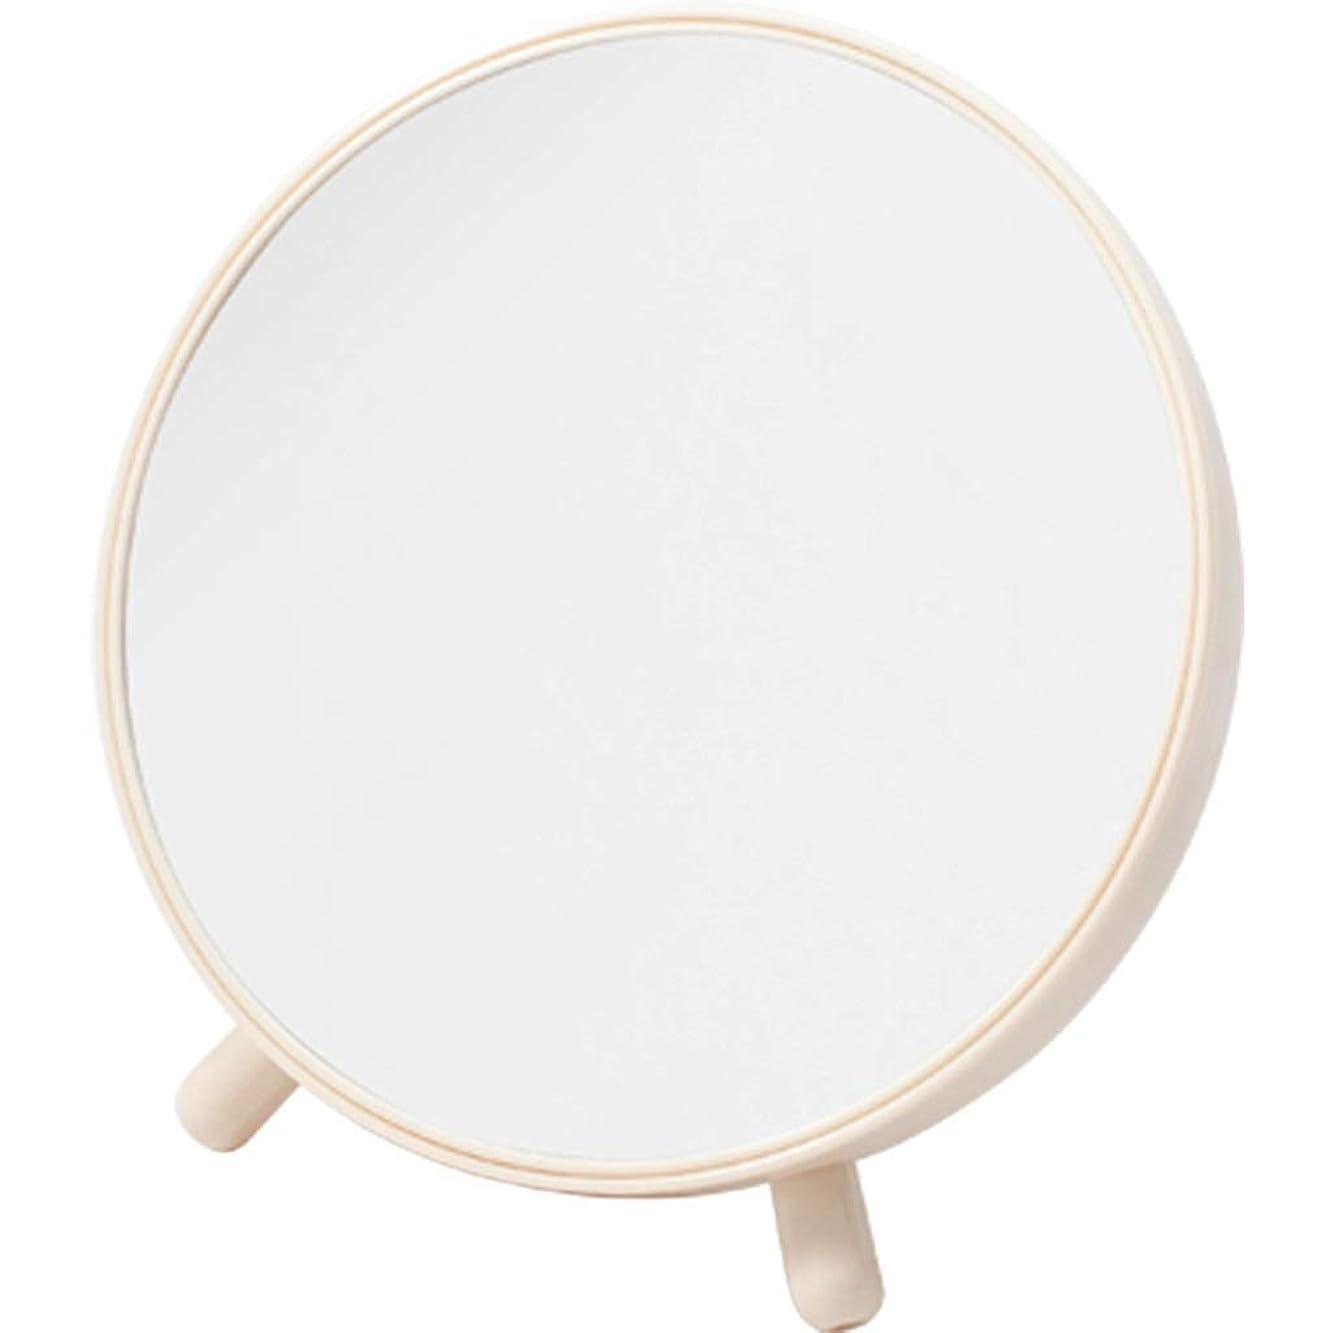 マガジン言い直す用心XJLXX 円形化粧鏡、収納ボックスと小型のポータブルテーブルミラー メイクアップミラー